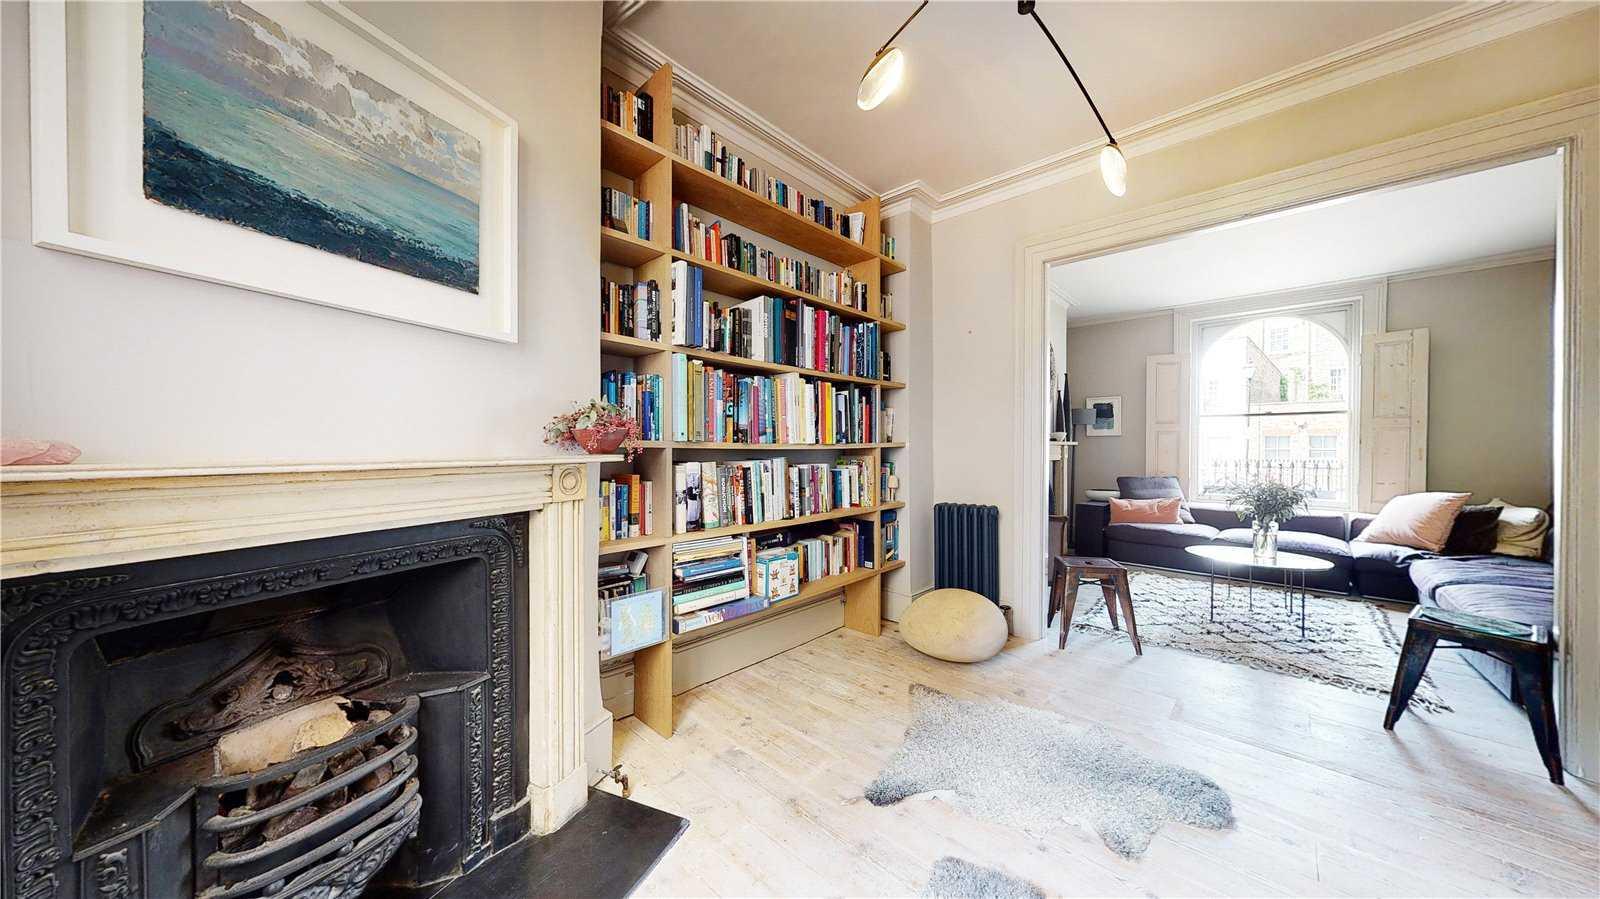 Maison London  -  ref BAI200067 (picture 1)